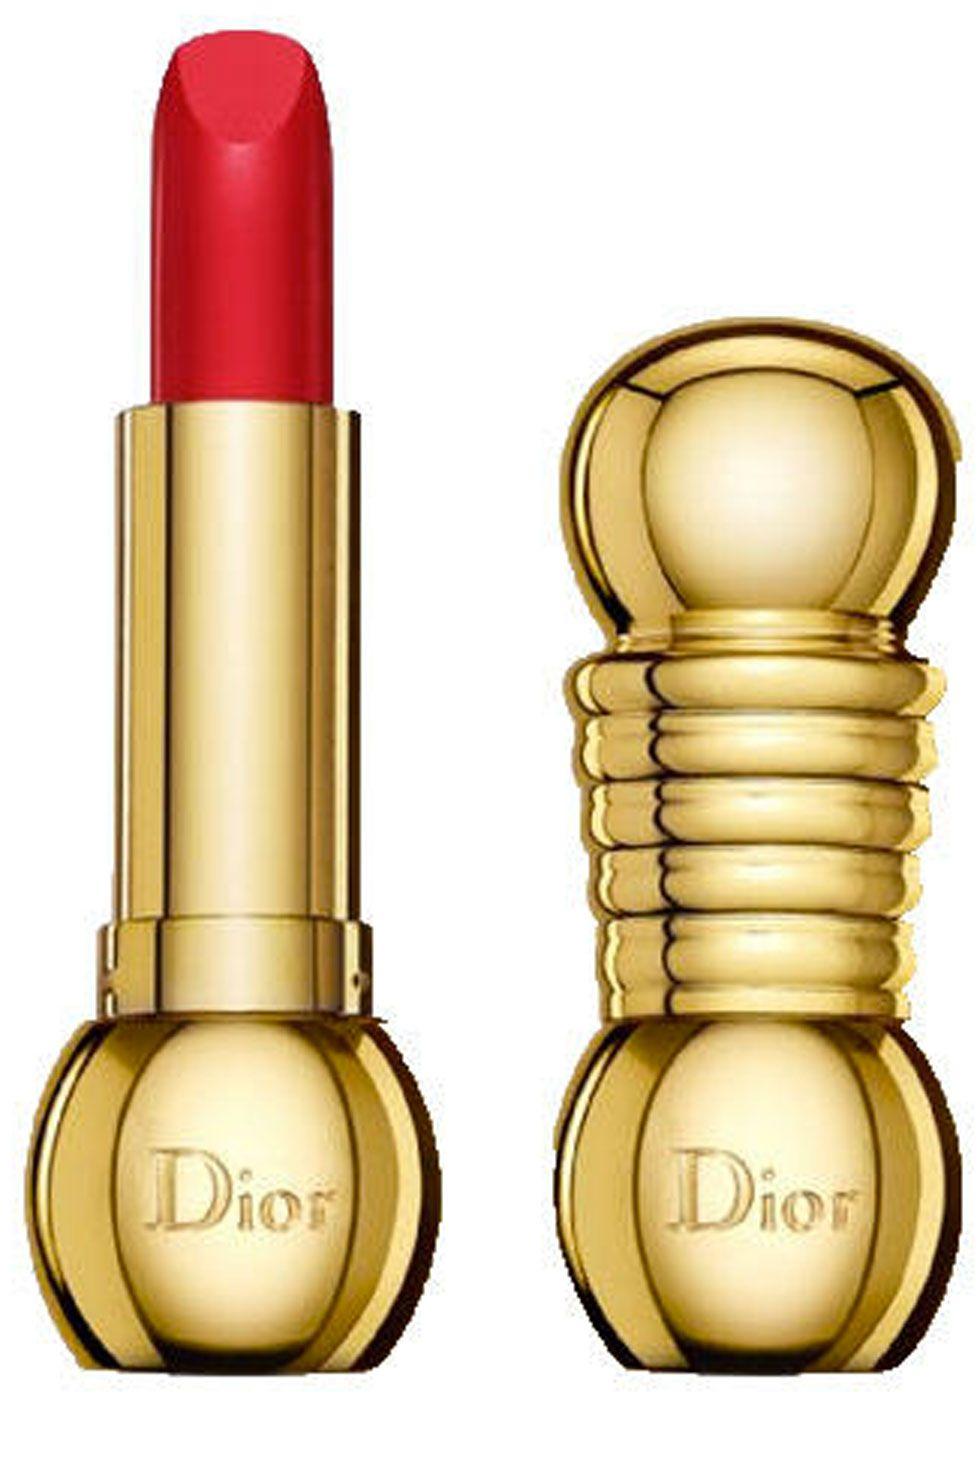 """<p>Dior Diorific lipstick in Dolce Vita, $38; <a href=""""http://www.amazon.com/Christian-Dior-Diorific-Wearing-Lipstick/dp/B0002DNHR8"""">amazon.com</a></p>"""